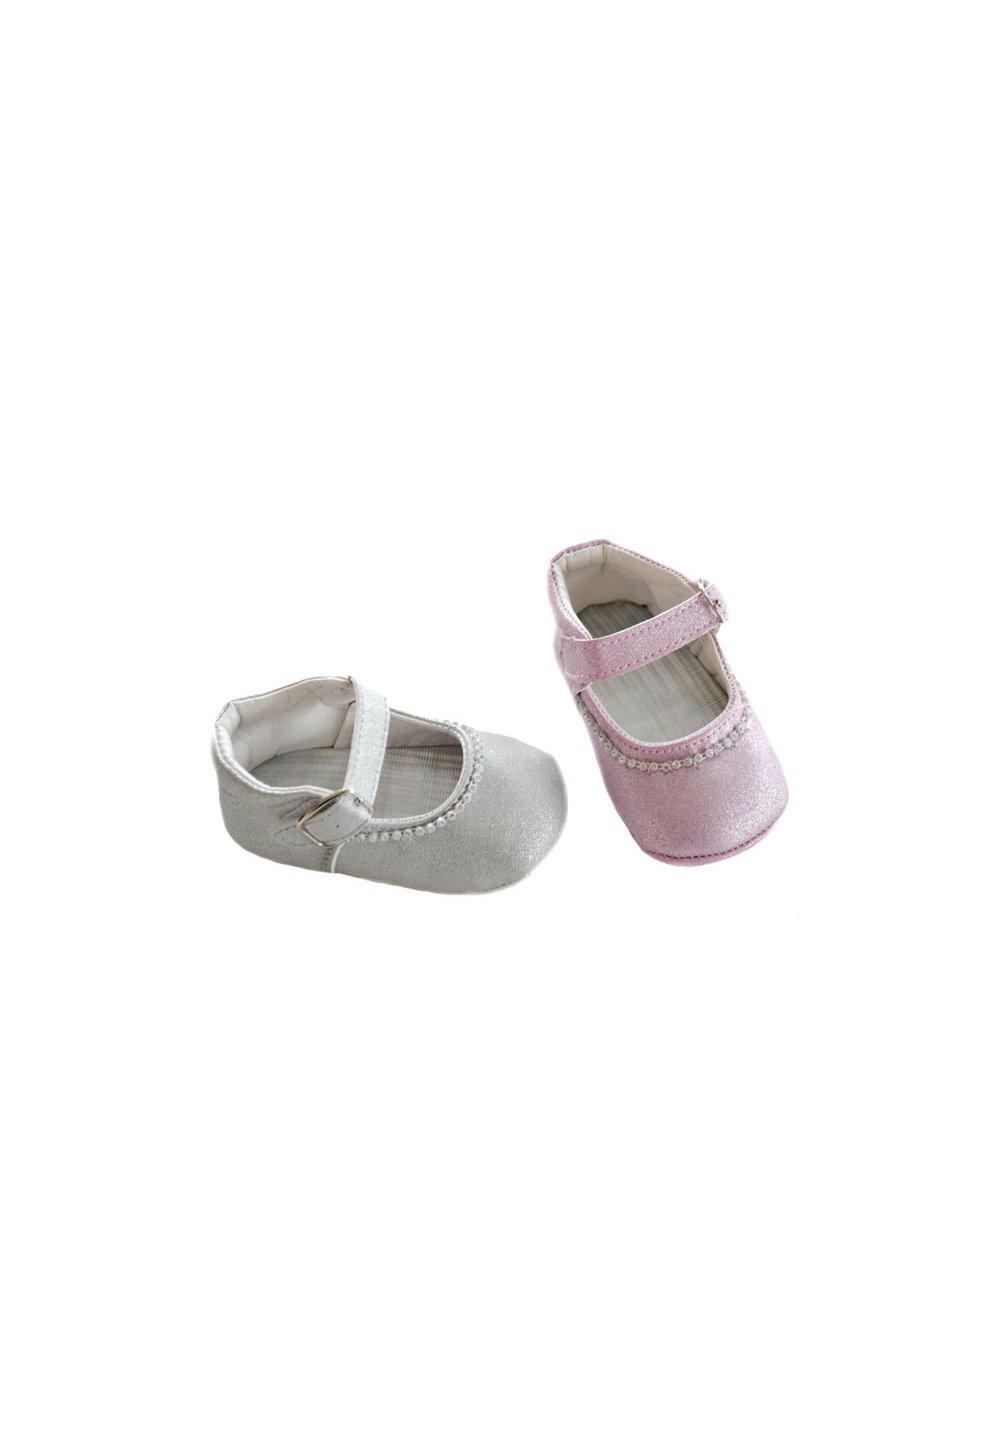 Papucei bebe, argintii, cu margelute imagine